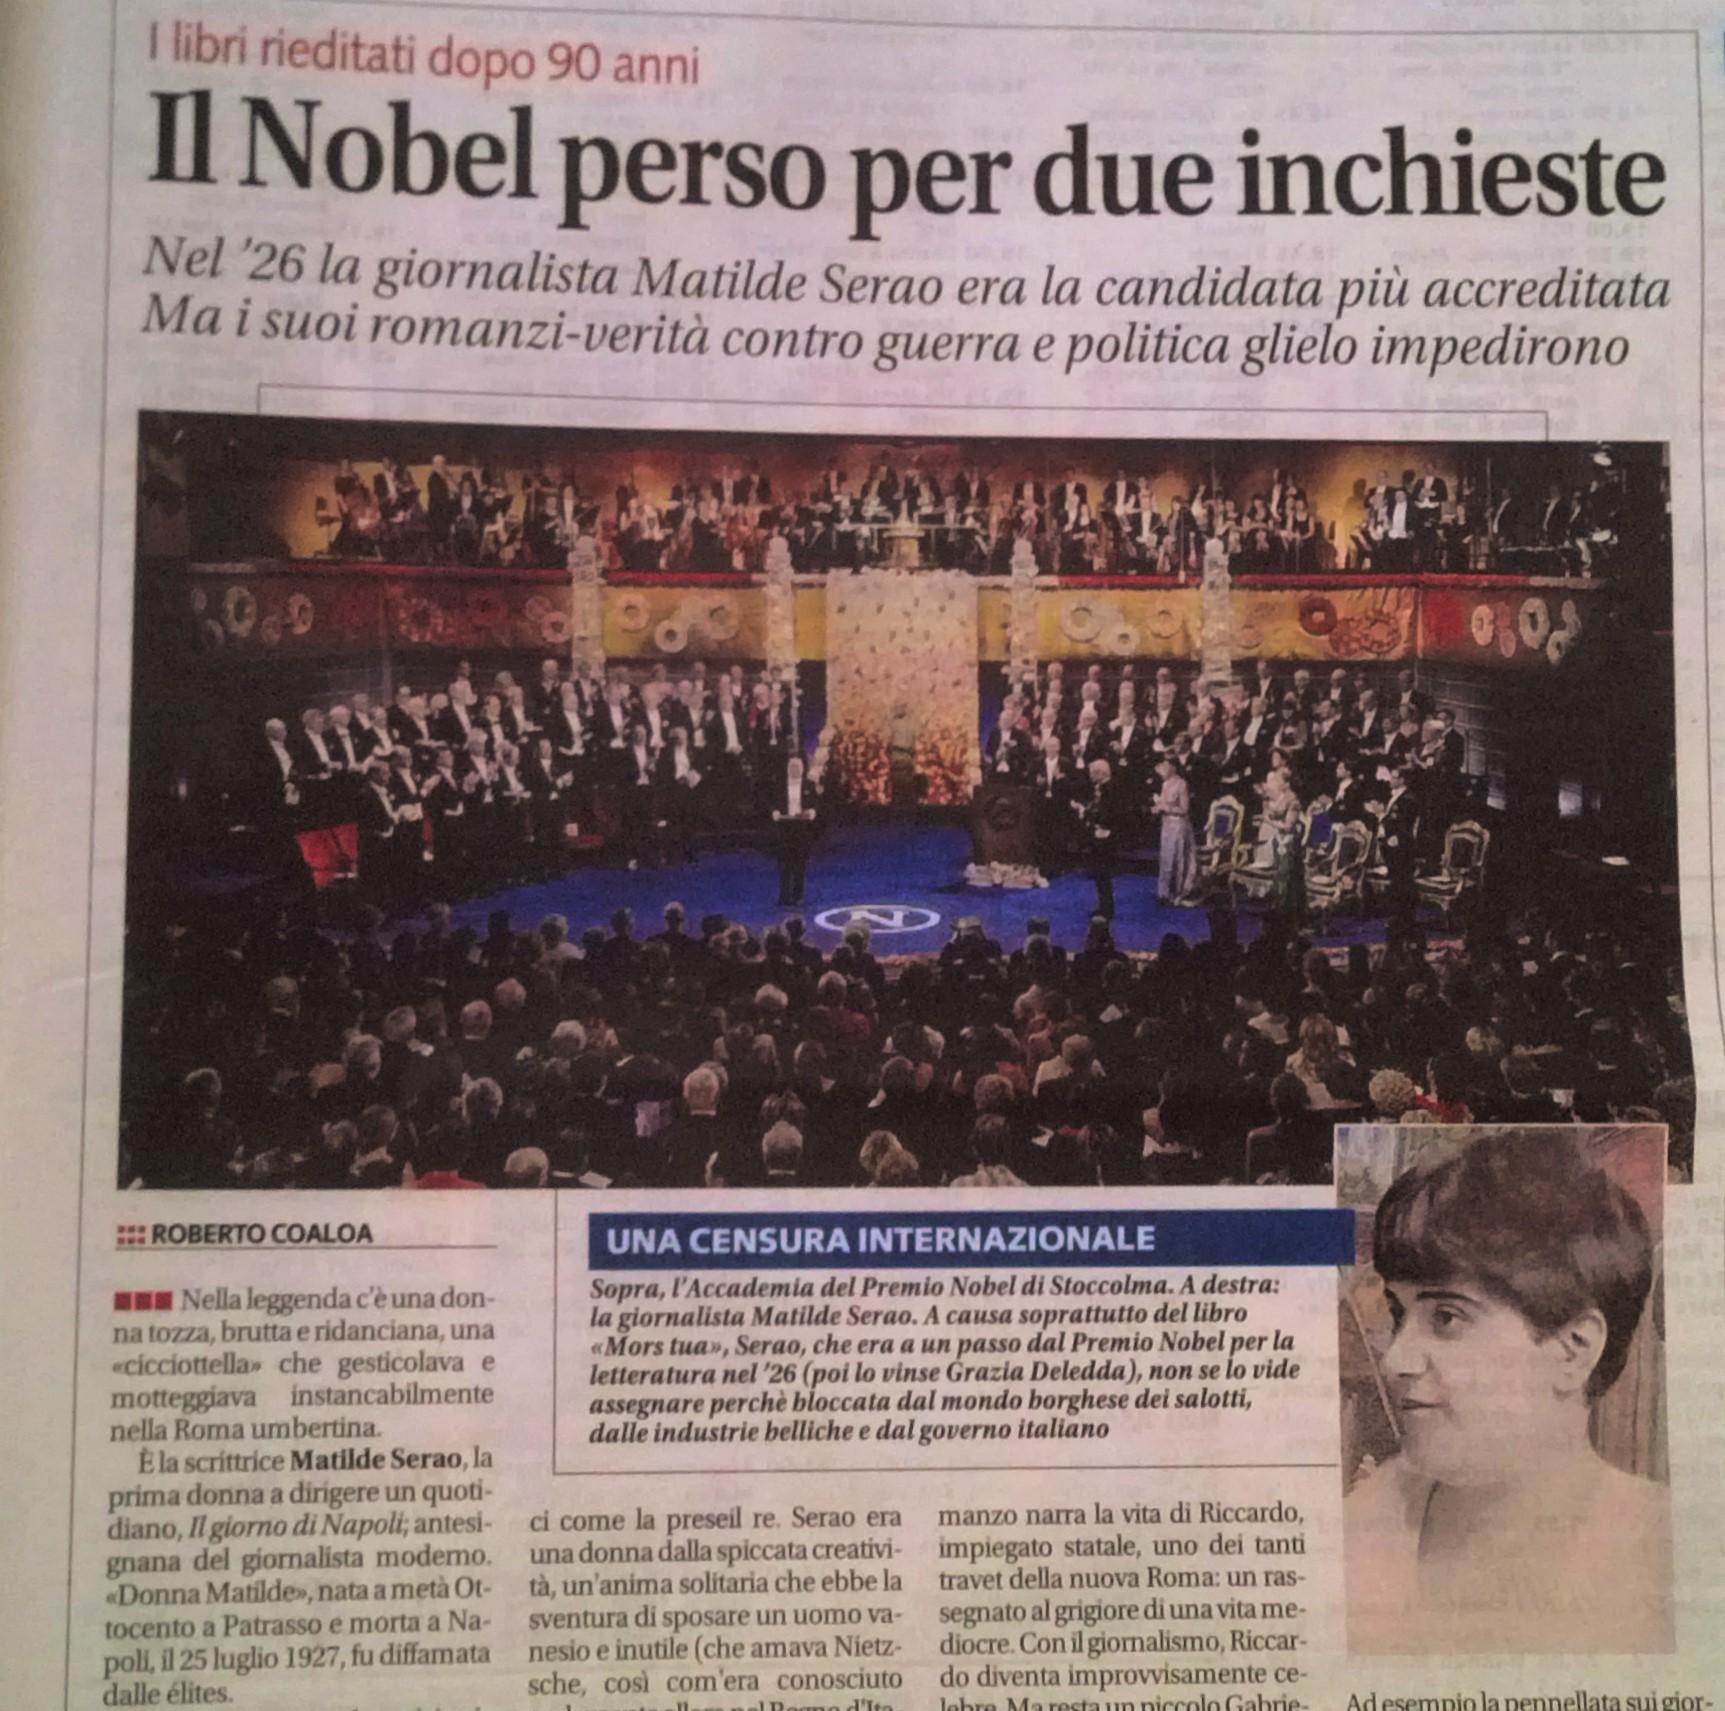 Un pezzo di Roberto Coaloa sul quotidiano Libero, venerdì 12 agosto 2016, tenta di rivalutare Matilde Serao come scrittrice e giornalista.